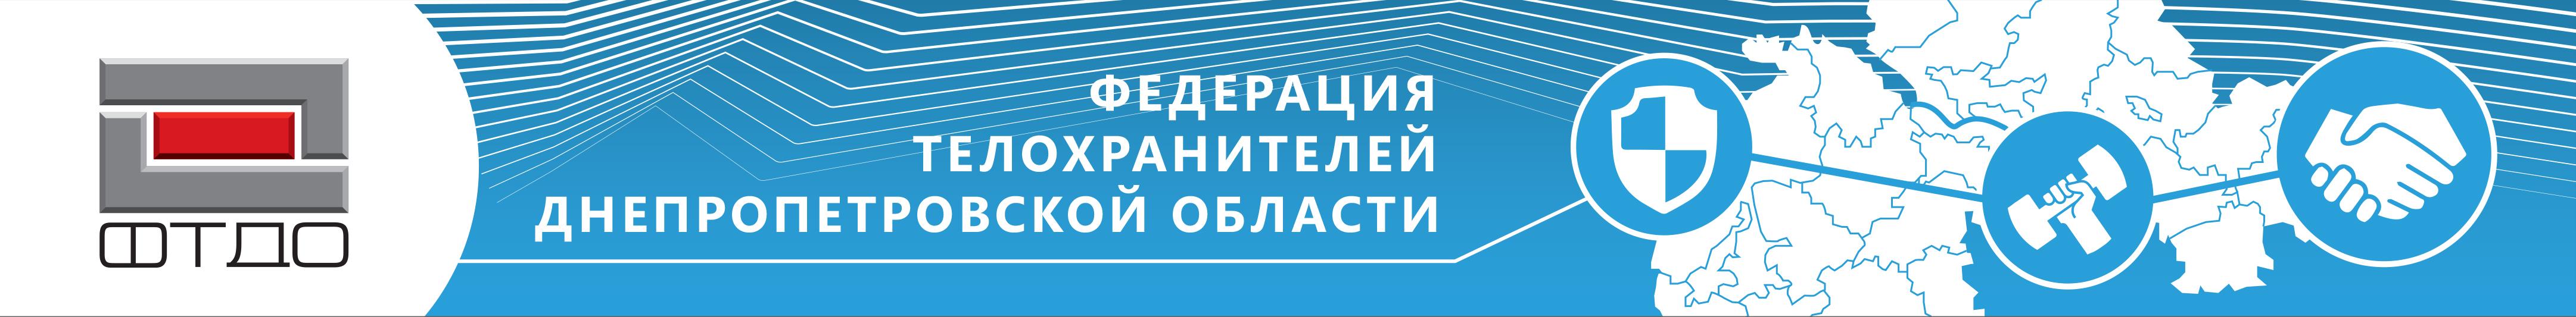 ФТДО Федерация Телохранителей Днепропетровской области